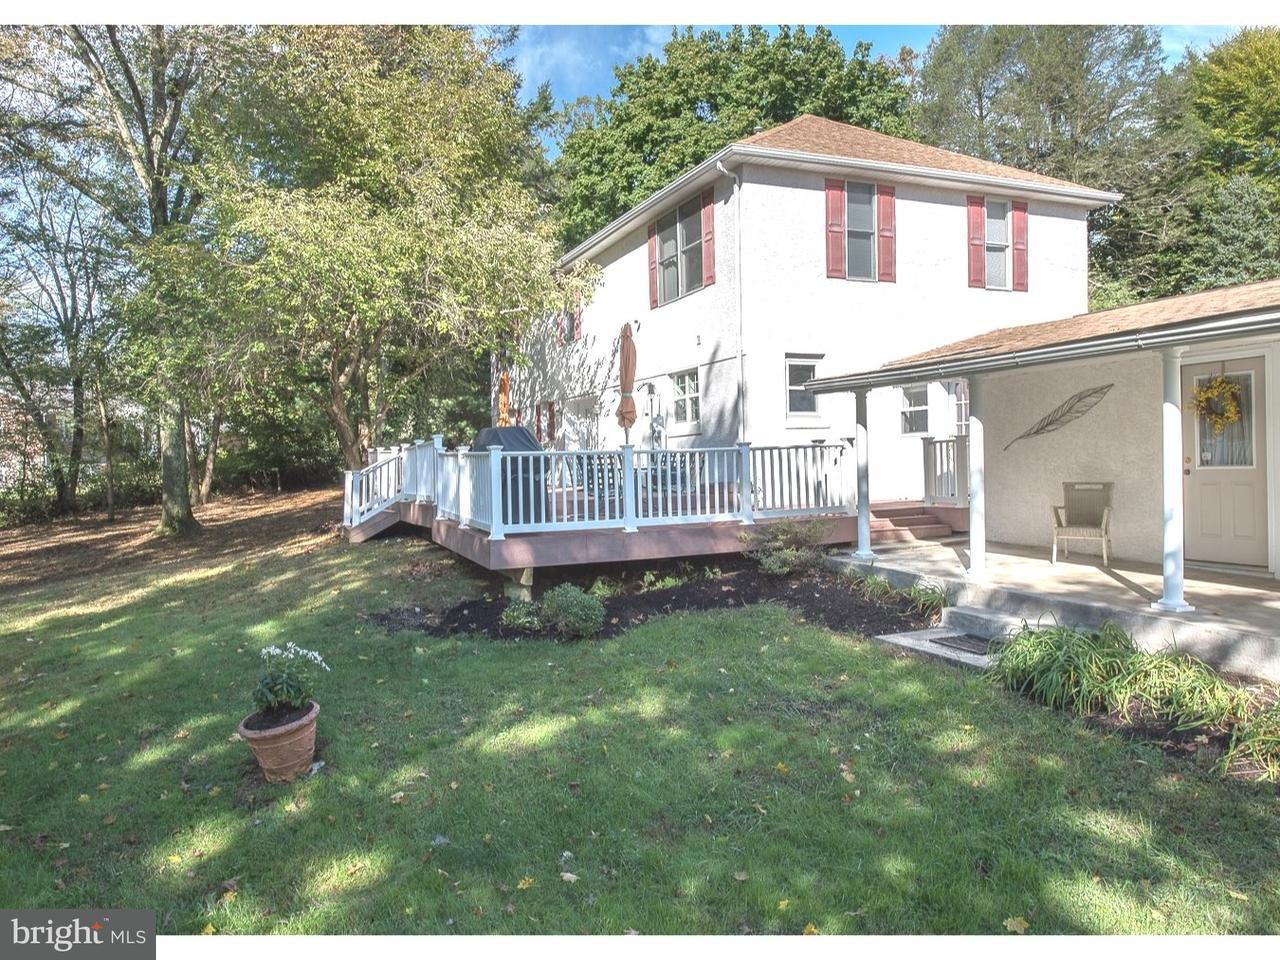 Casa Unifamiliar por un Venta en 922 HUNT Road Radnor, Pennsylvania 19008 Estados Unidos